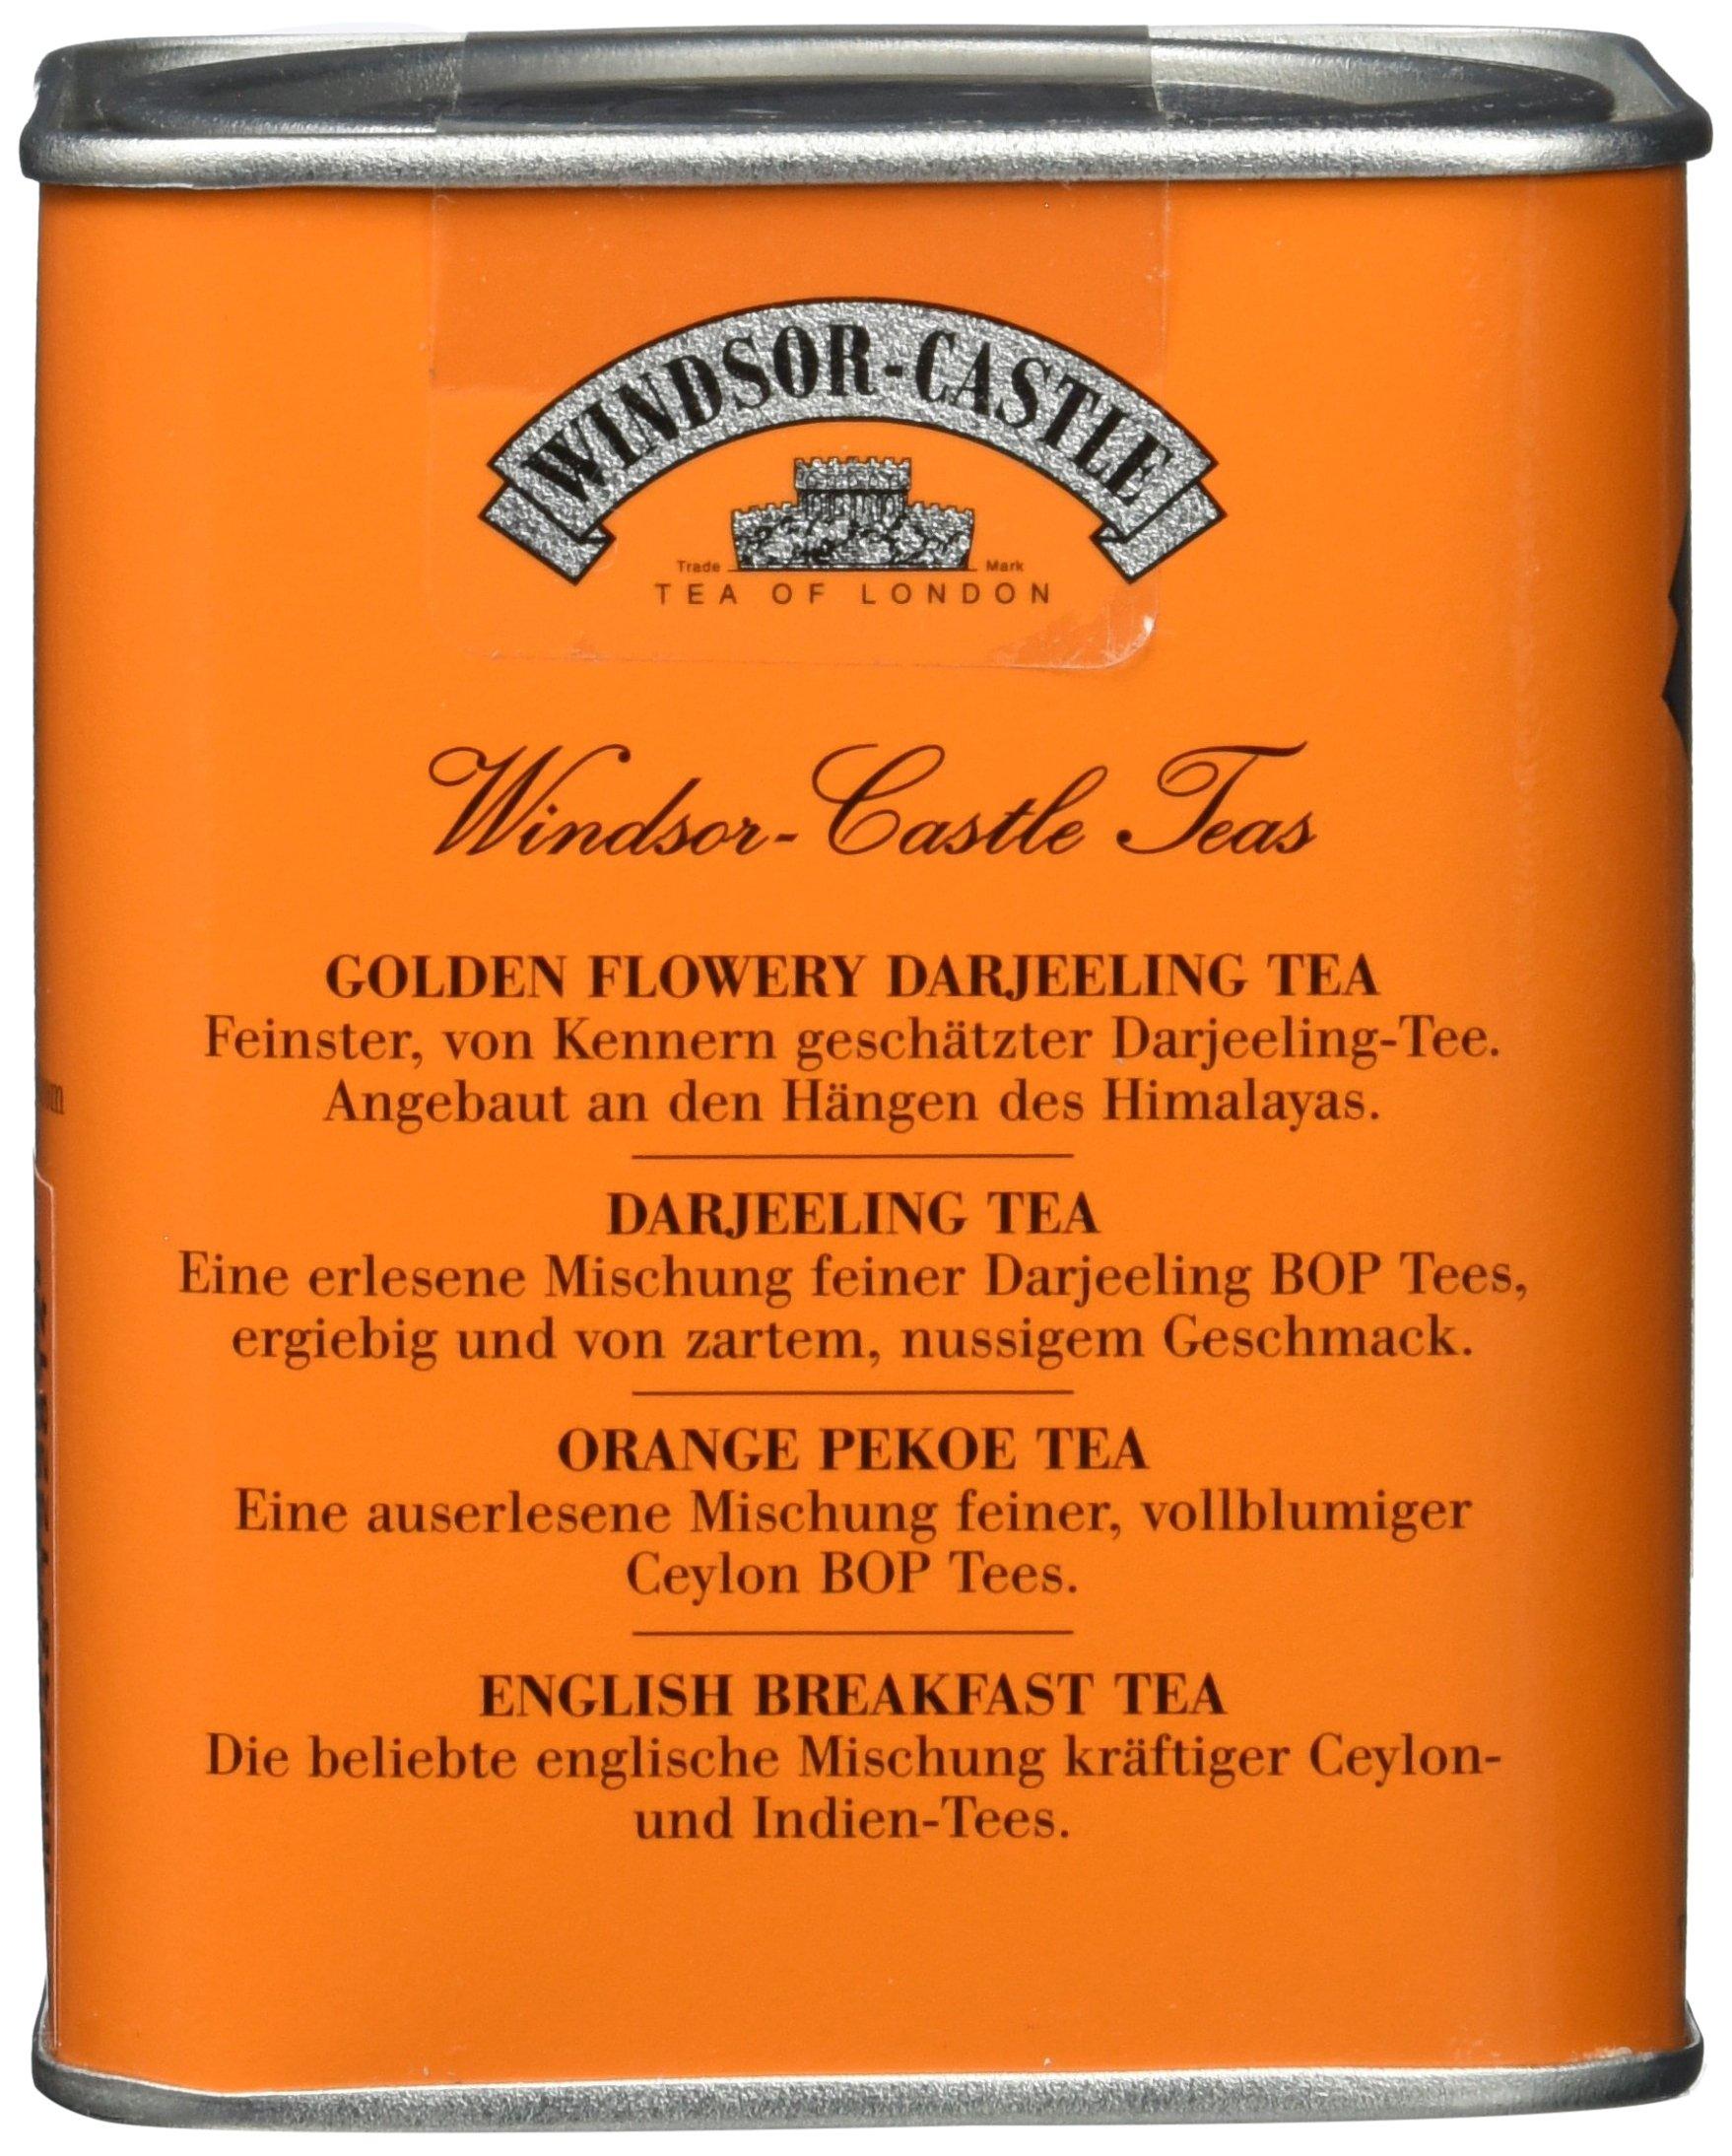 Windsor-Castle-White-Tea-250-g